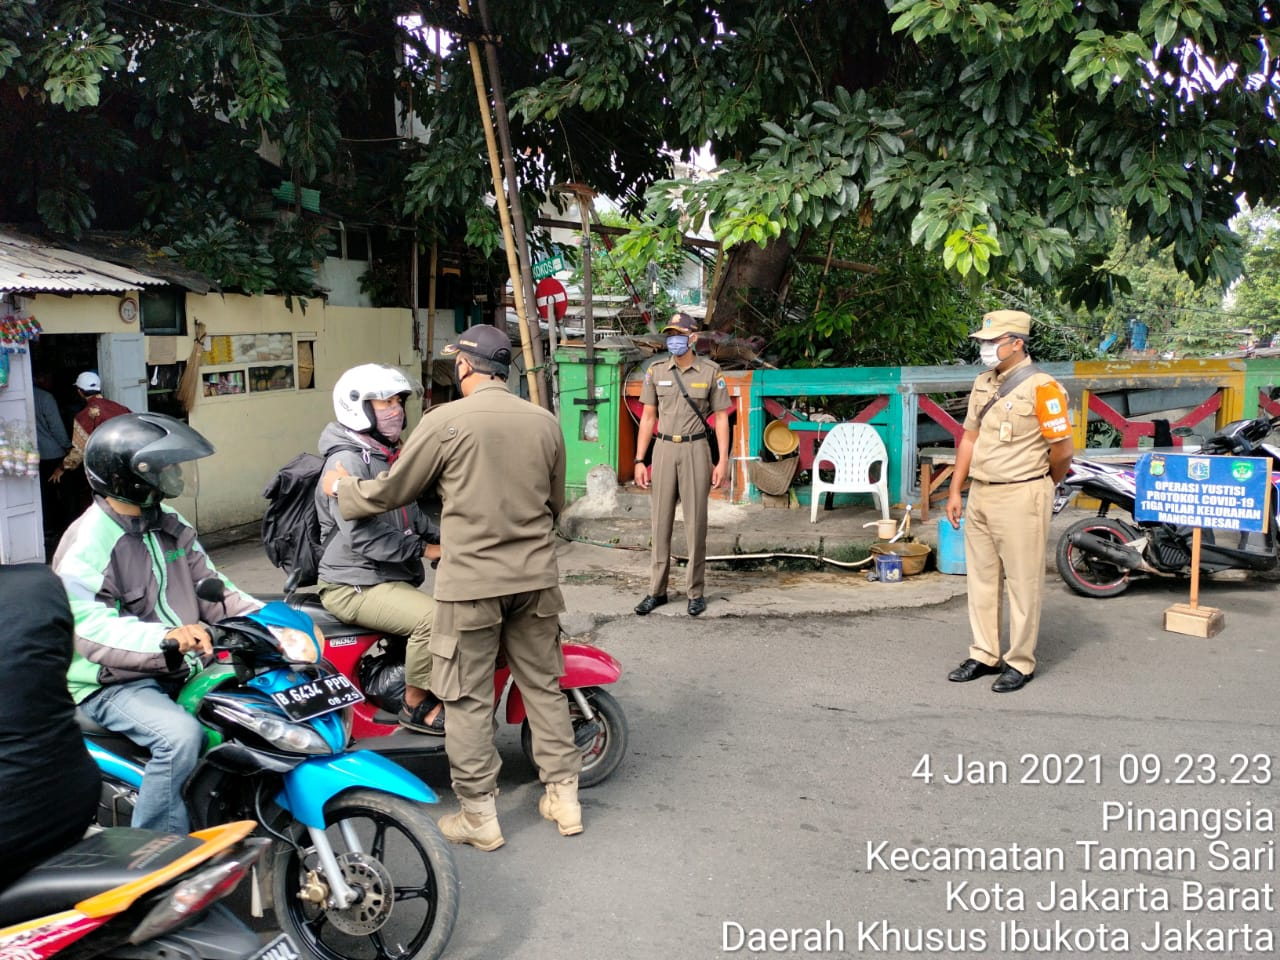 Penegakan Hukum Prokes Masih Terus Digencarkan Dikawasan Mangga Besar, Jakarta Barat